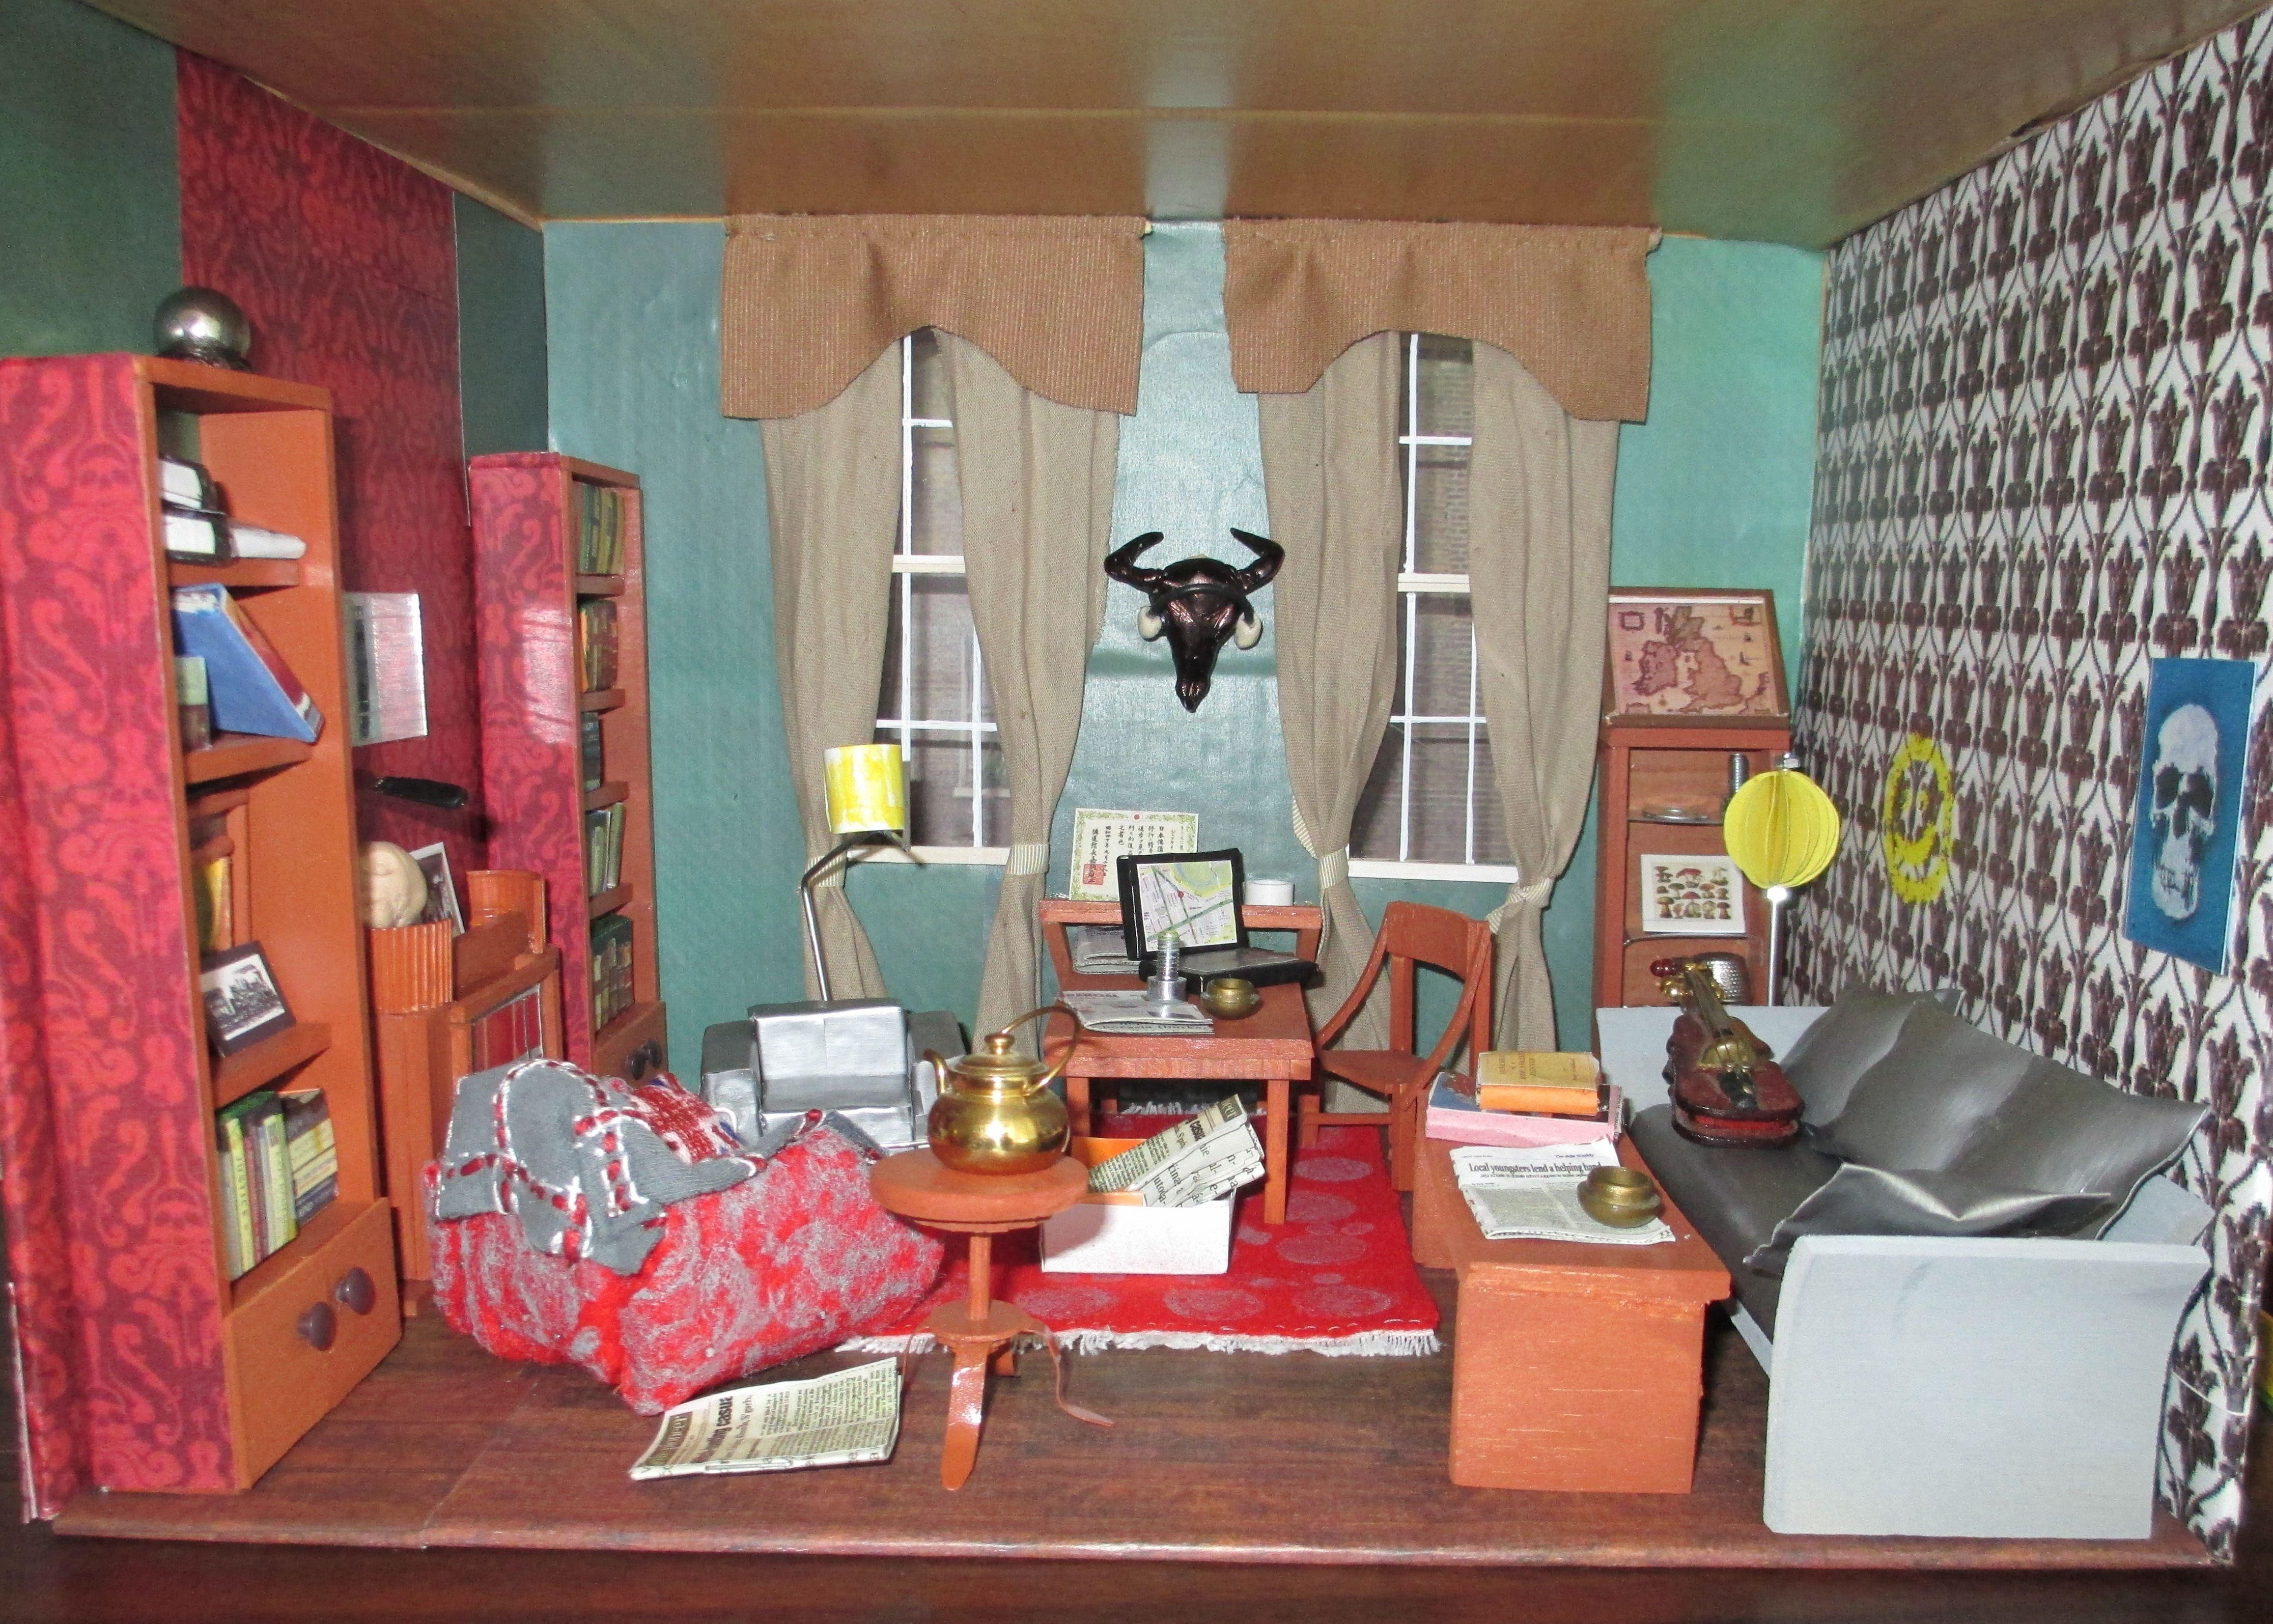 Living room victorian pinterest baker street sofas and 221b - 221b Baker Street Living Room With Props